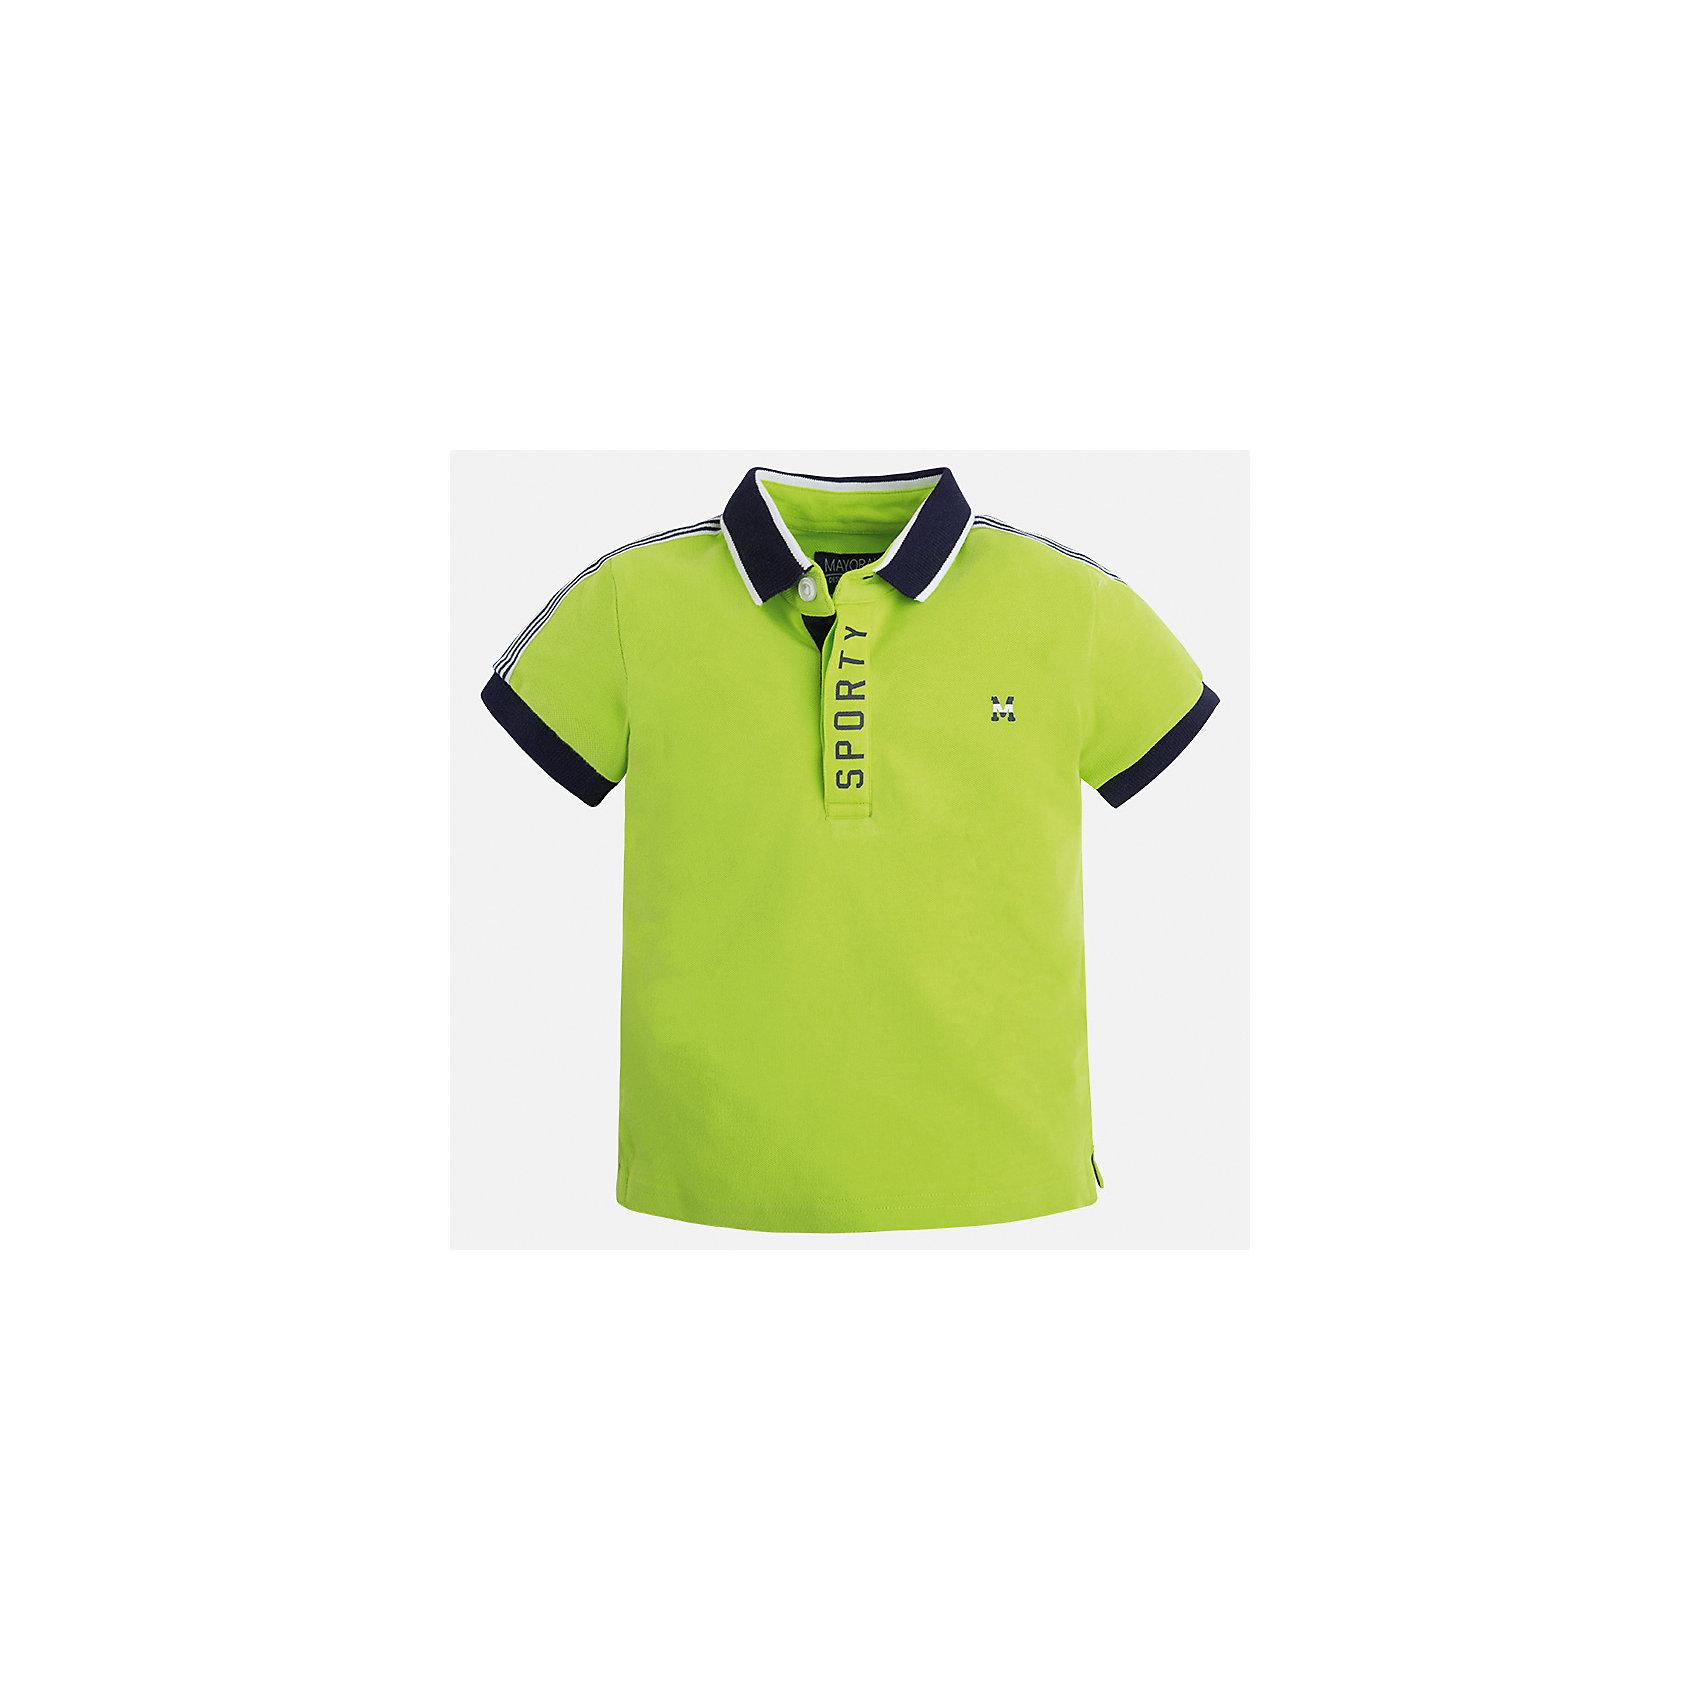 Футболка-поло для мальчика MayoralФутболки, поло и топы<br>Характеристики товара:<br><br>• цвет: салатовый<br>• состав: 95% хлопок, 5% эластан<br>• отложной воротник<br>• короткие рукава<br>• застежка: пуговицы<br>• декорирована принтом<br>• страна бренда: Испания<br><br>Стильная футболка-поло для мальчика может стать базовой вещью в гардеробе ребенка. Она отлично сочетается с брюками, шортами, джинсами и т.д. Универсальный крой и цвет позволяет подобрать к вещи низ разных расцветок. Практичное и стильное изделие! В составе материала - натуральный хлопок, гипоаллергенный, приятный на ощупь, дышащий.<br><br>Одежда, обувь и аксессуары от испанского бренда Mayoral полюбились детям и взрослым по всему миру. Модели этой марки - стильные и удобные. Для их производства используются только безопасные, качественные материалы и фурнитура. Порадуйте ребенка модными и красивыми вещами от Mayoral! <br><br>Футболку-поло для мальчика от испанского бренда Mayoral (Майорал) можно купить в нашем интернет-магазине.<br><br>Ширина мм: 230<br>Глубина мм: 40<br>Высота мм: 220<br>Вес г: 250<br>Цвет: зеленый<br>Возраст от месяцев: 96<br>Возраст до месяцев: 108<br>Пол: Мужской<br>Возраст: Детский<br>Размер: 134,122,116,104,92,98,110,128<br>SKU: 5272063